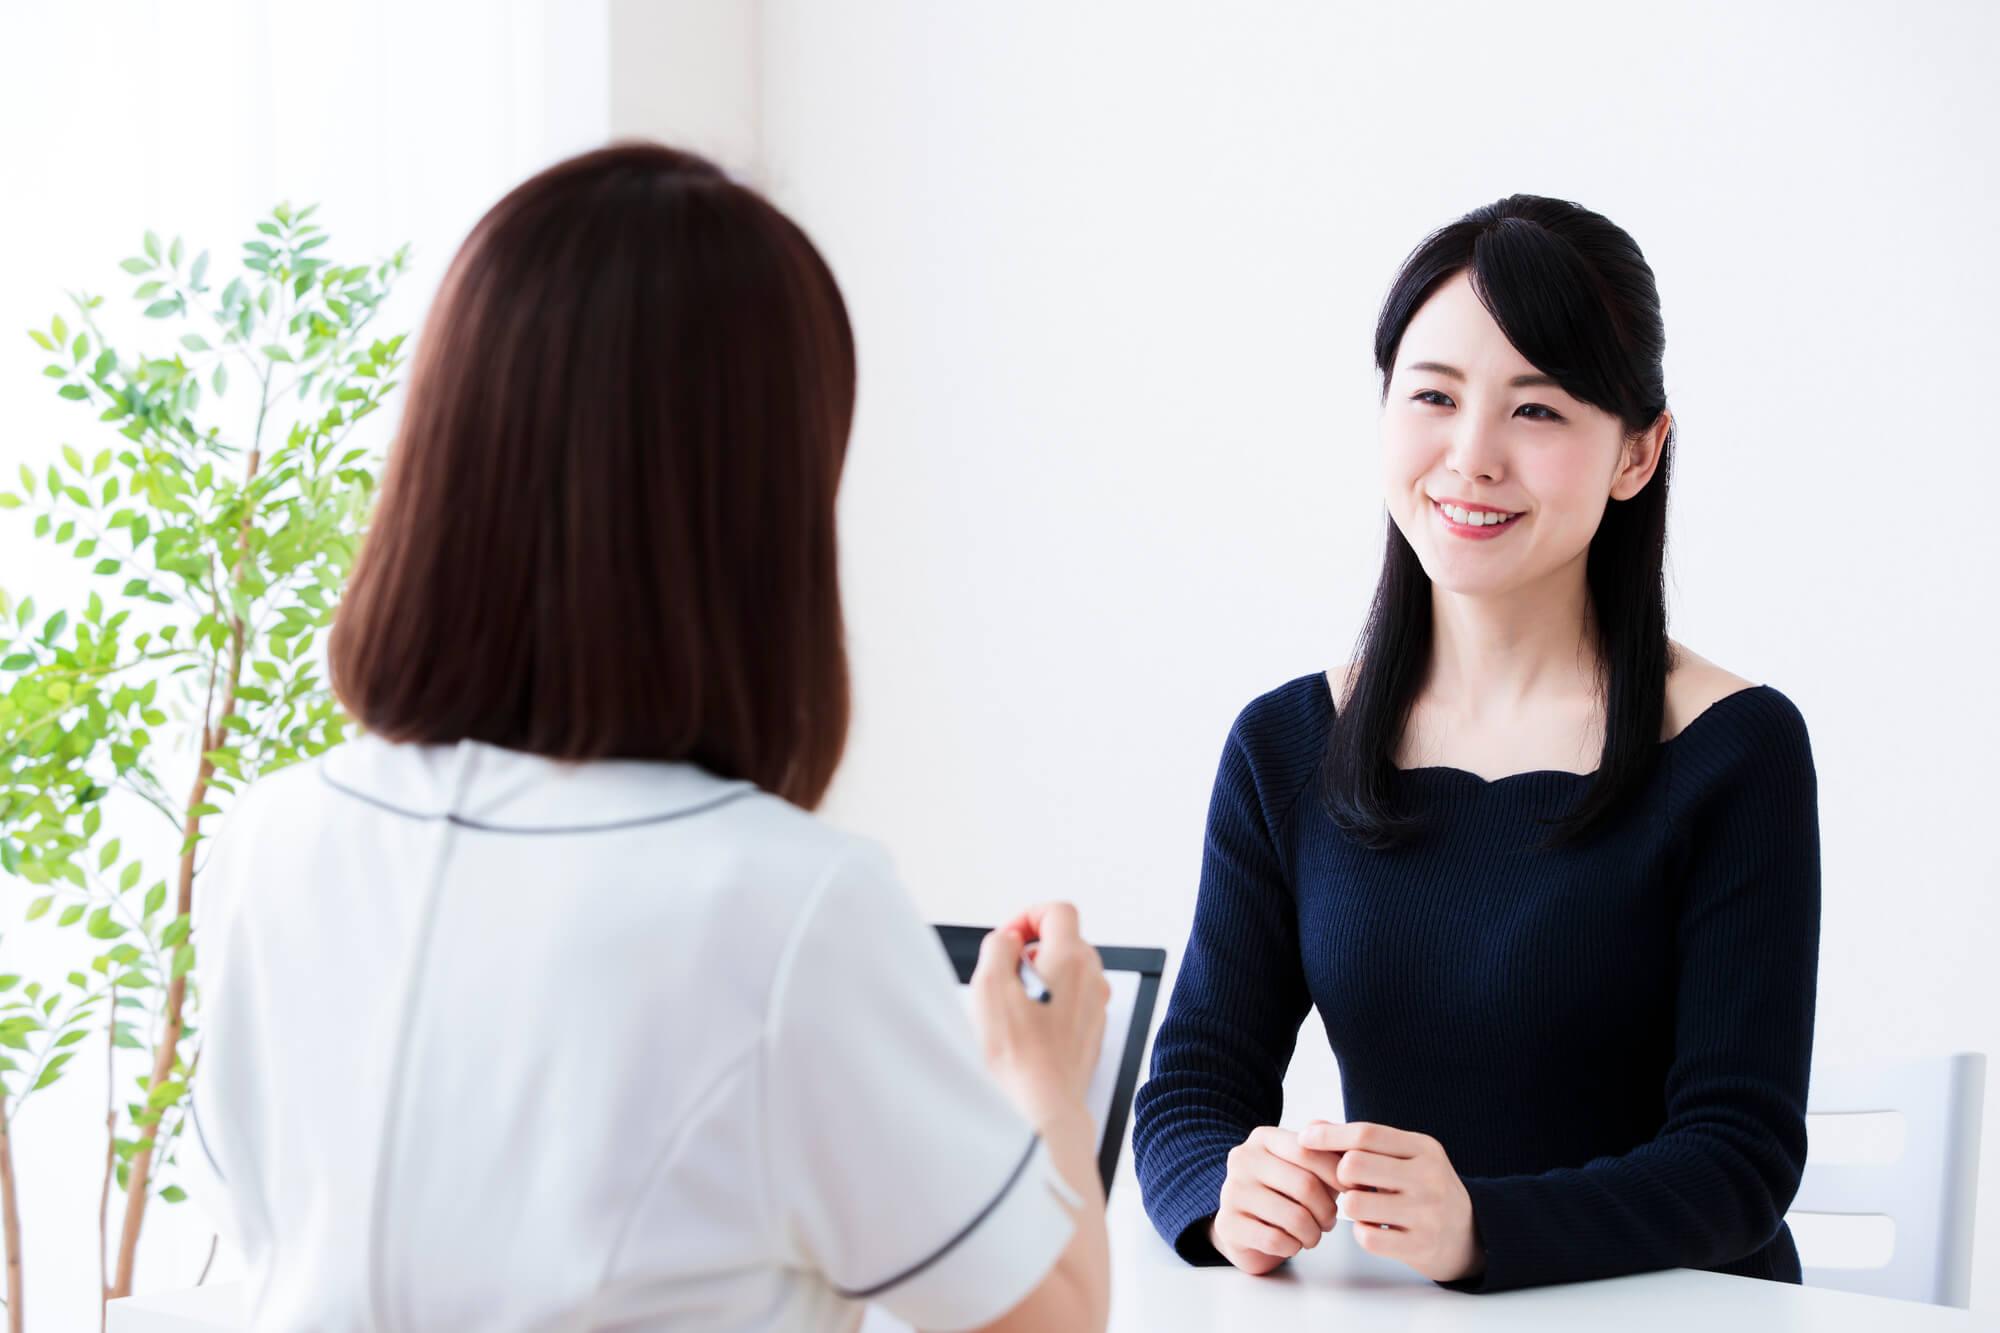 カウンセラーと話をする女性クライアント